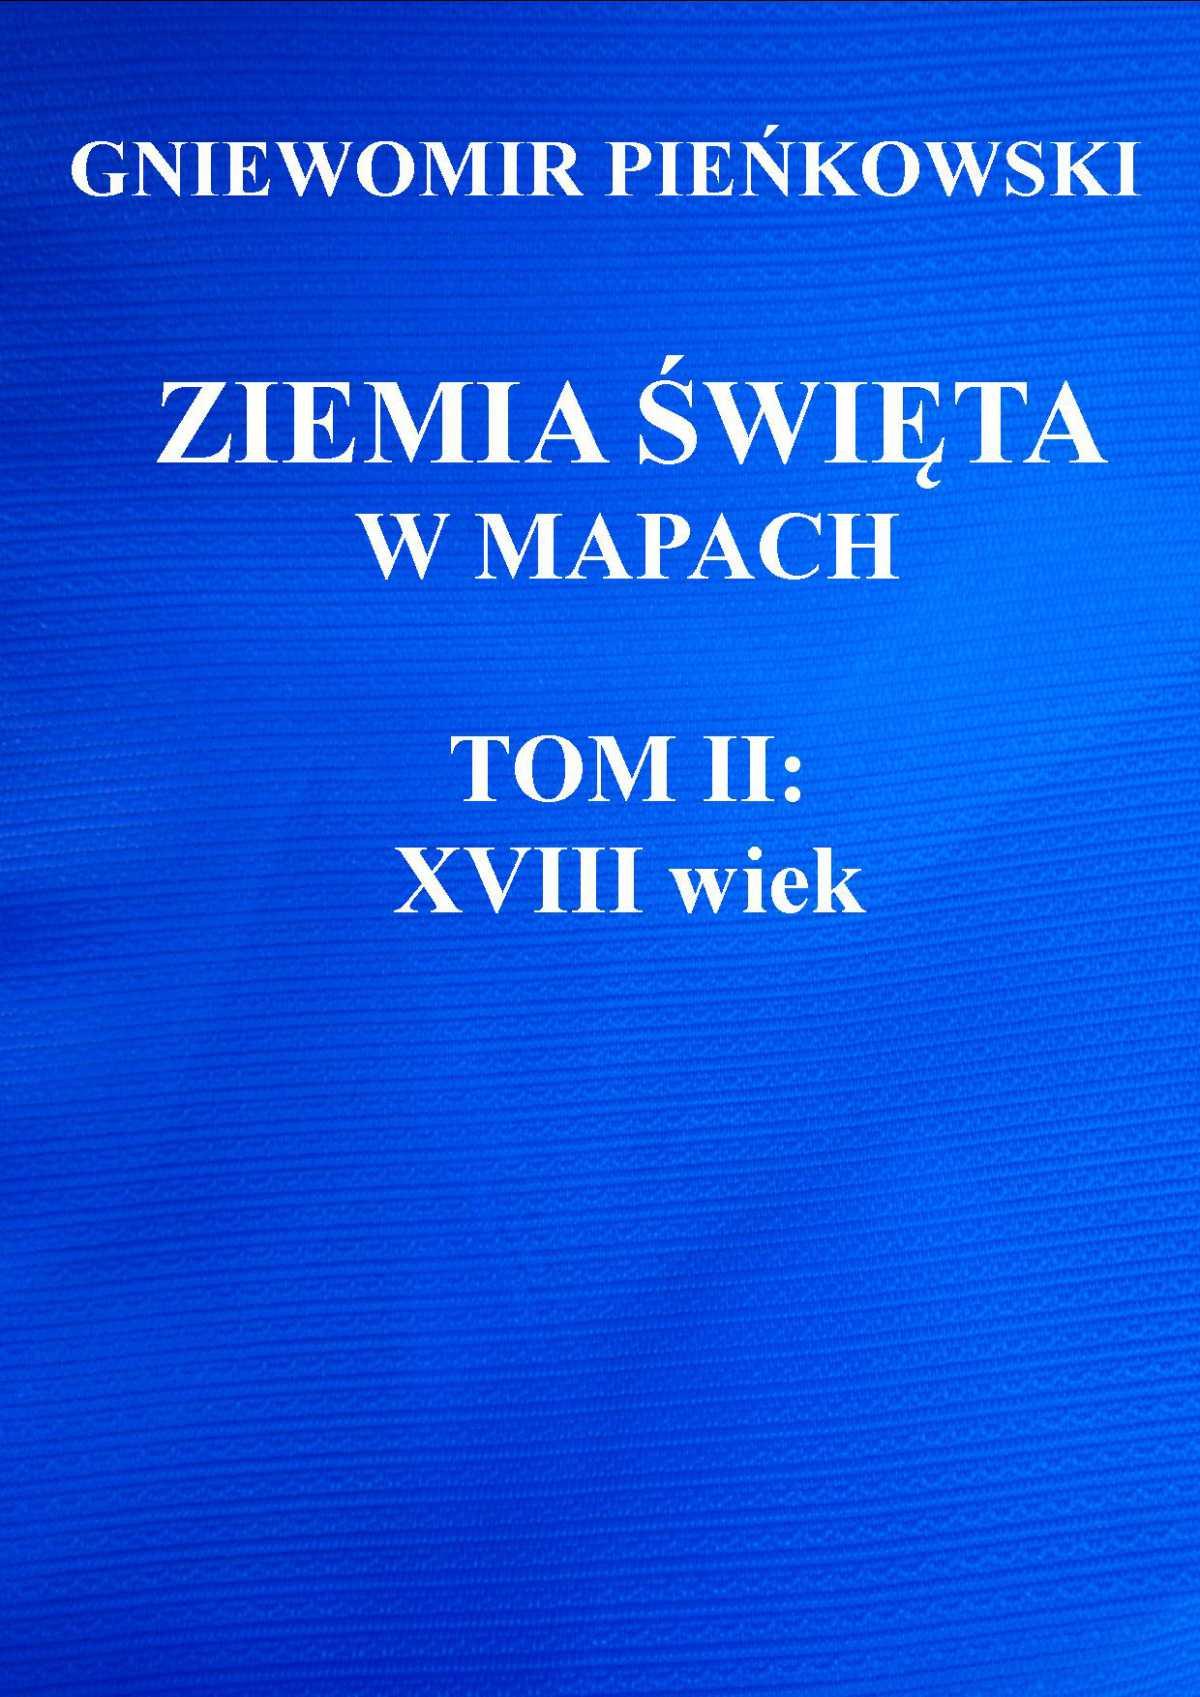 Ziemia Święta w mapach. Tom II: XVIII wiek - Ebook (Książka PDF) do pobrania w formacie PDF